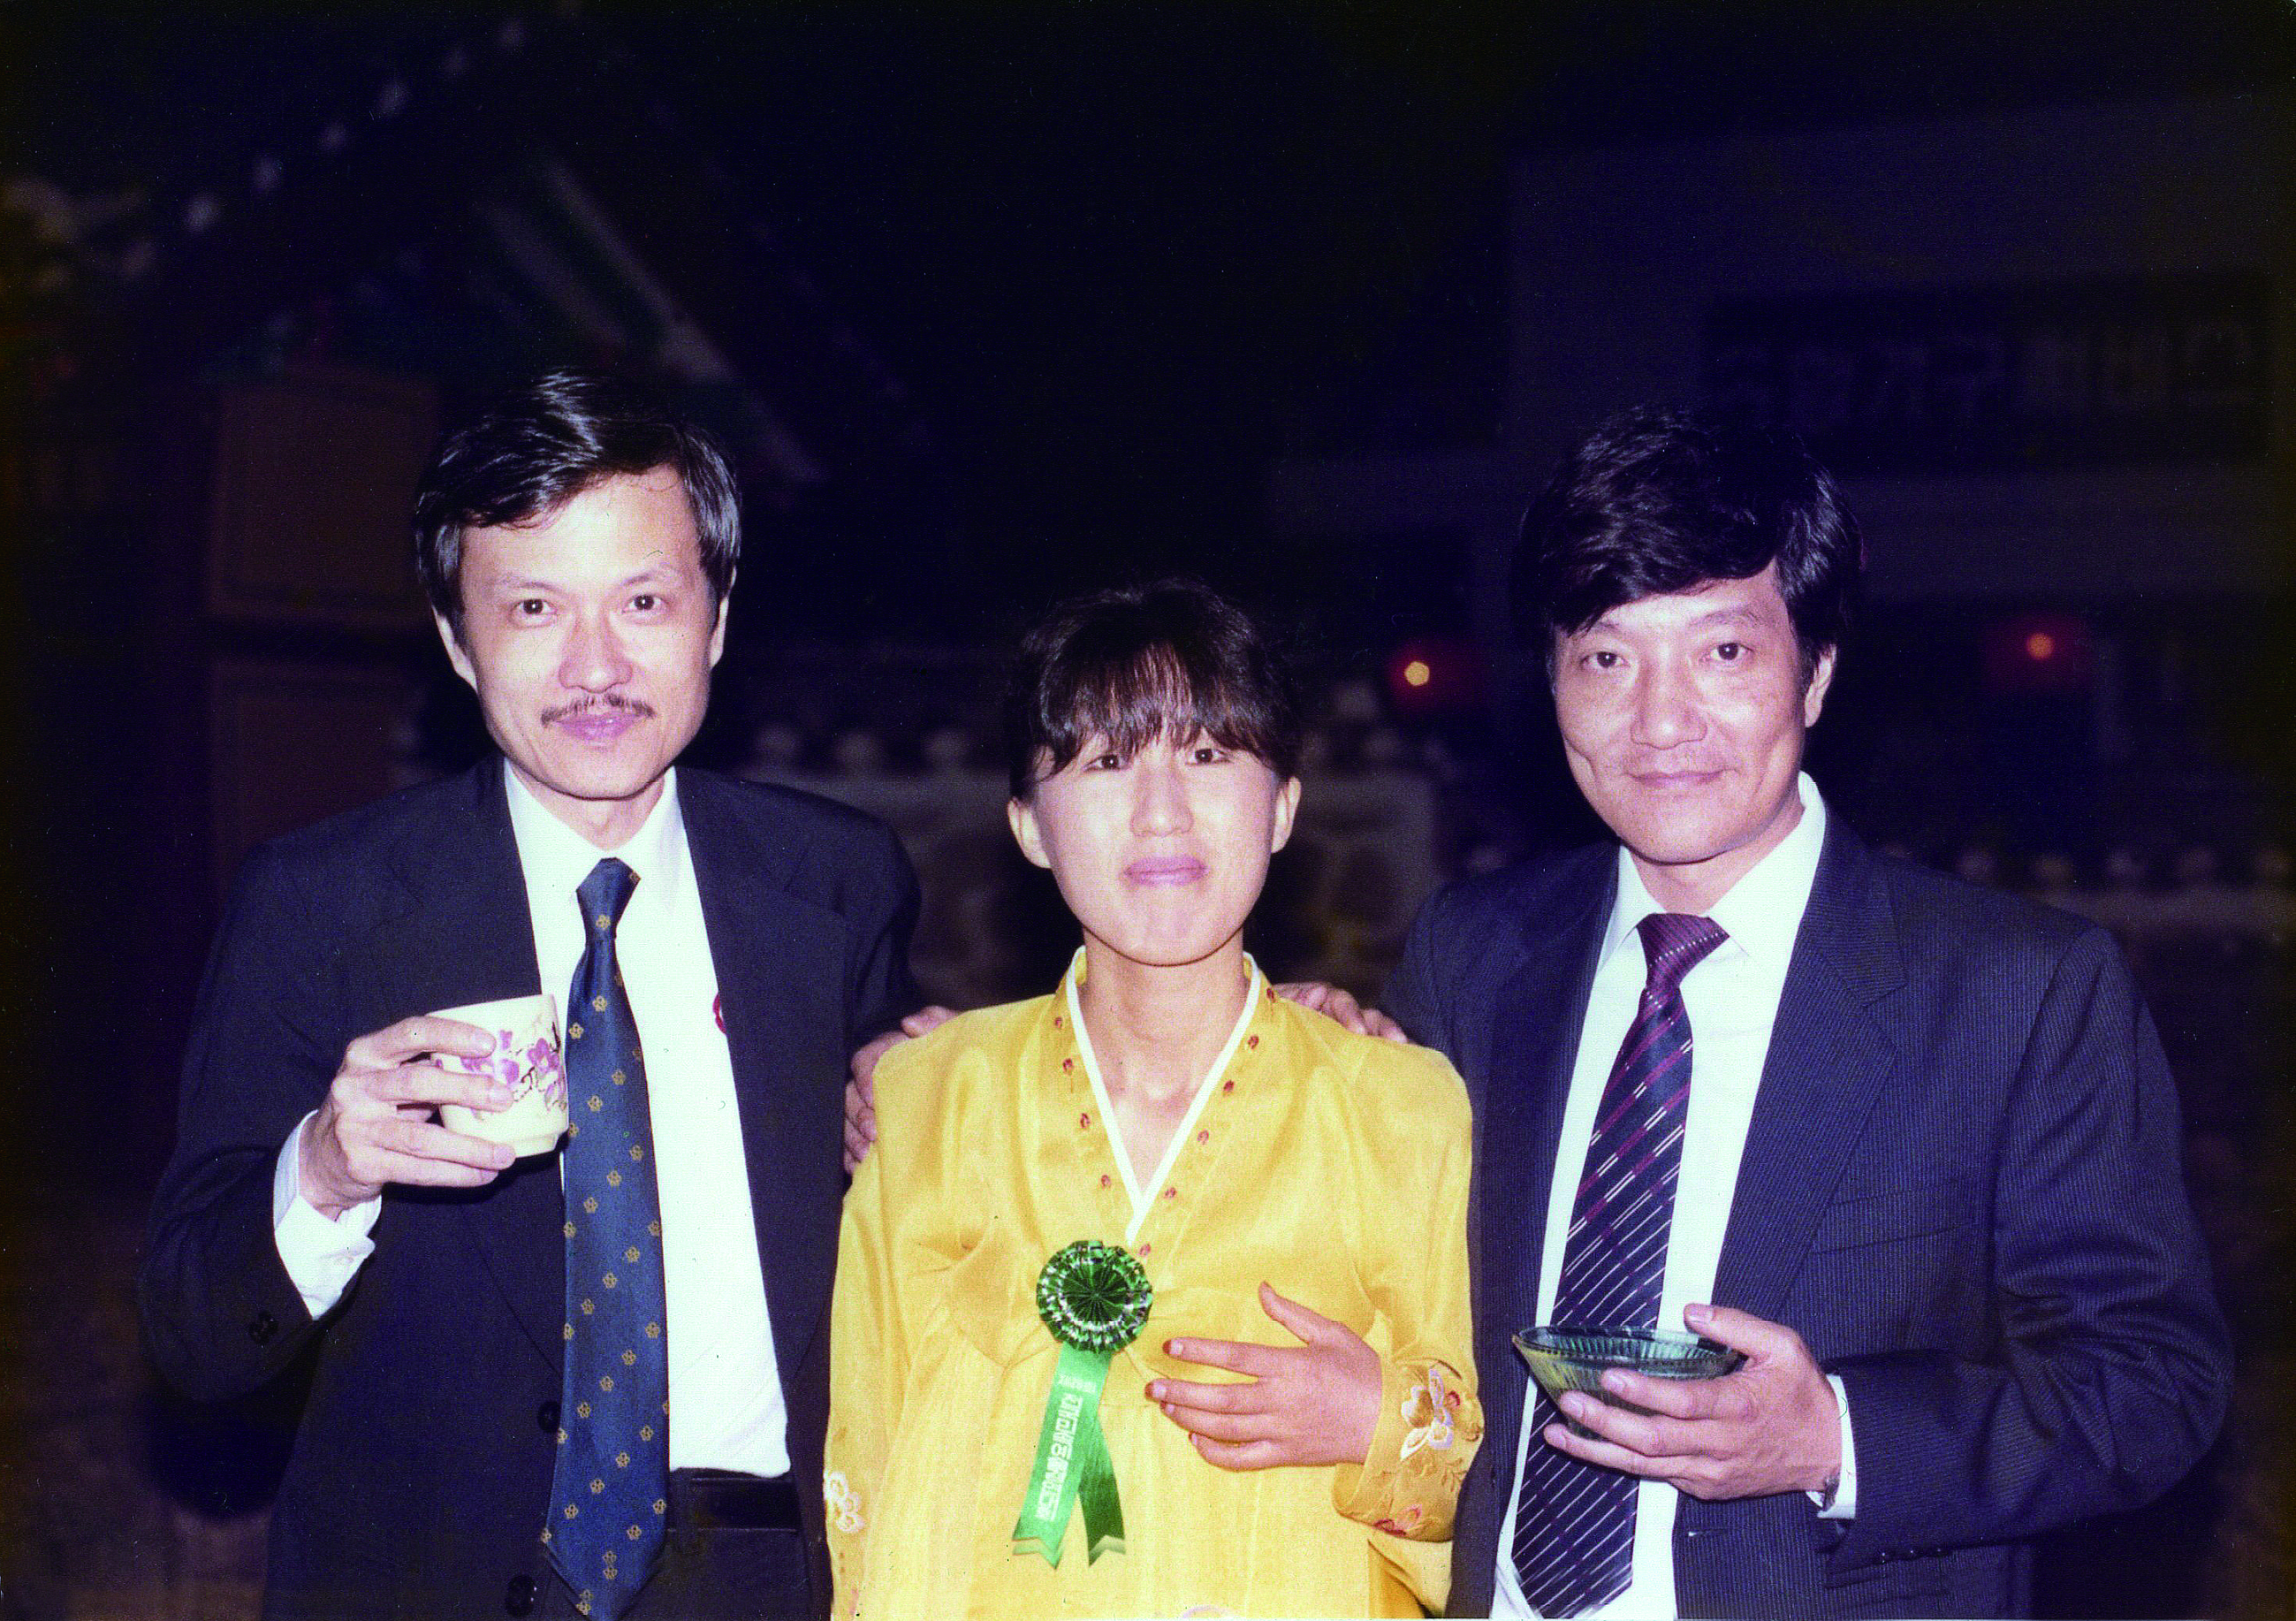 盧亮輝(左)與已故的香港中樂團指揮吳大江(右),交情深友誼堅定。.JPG